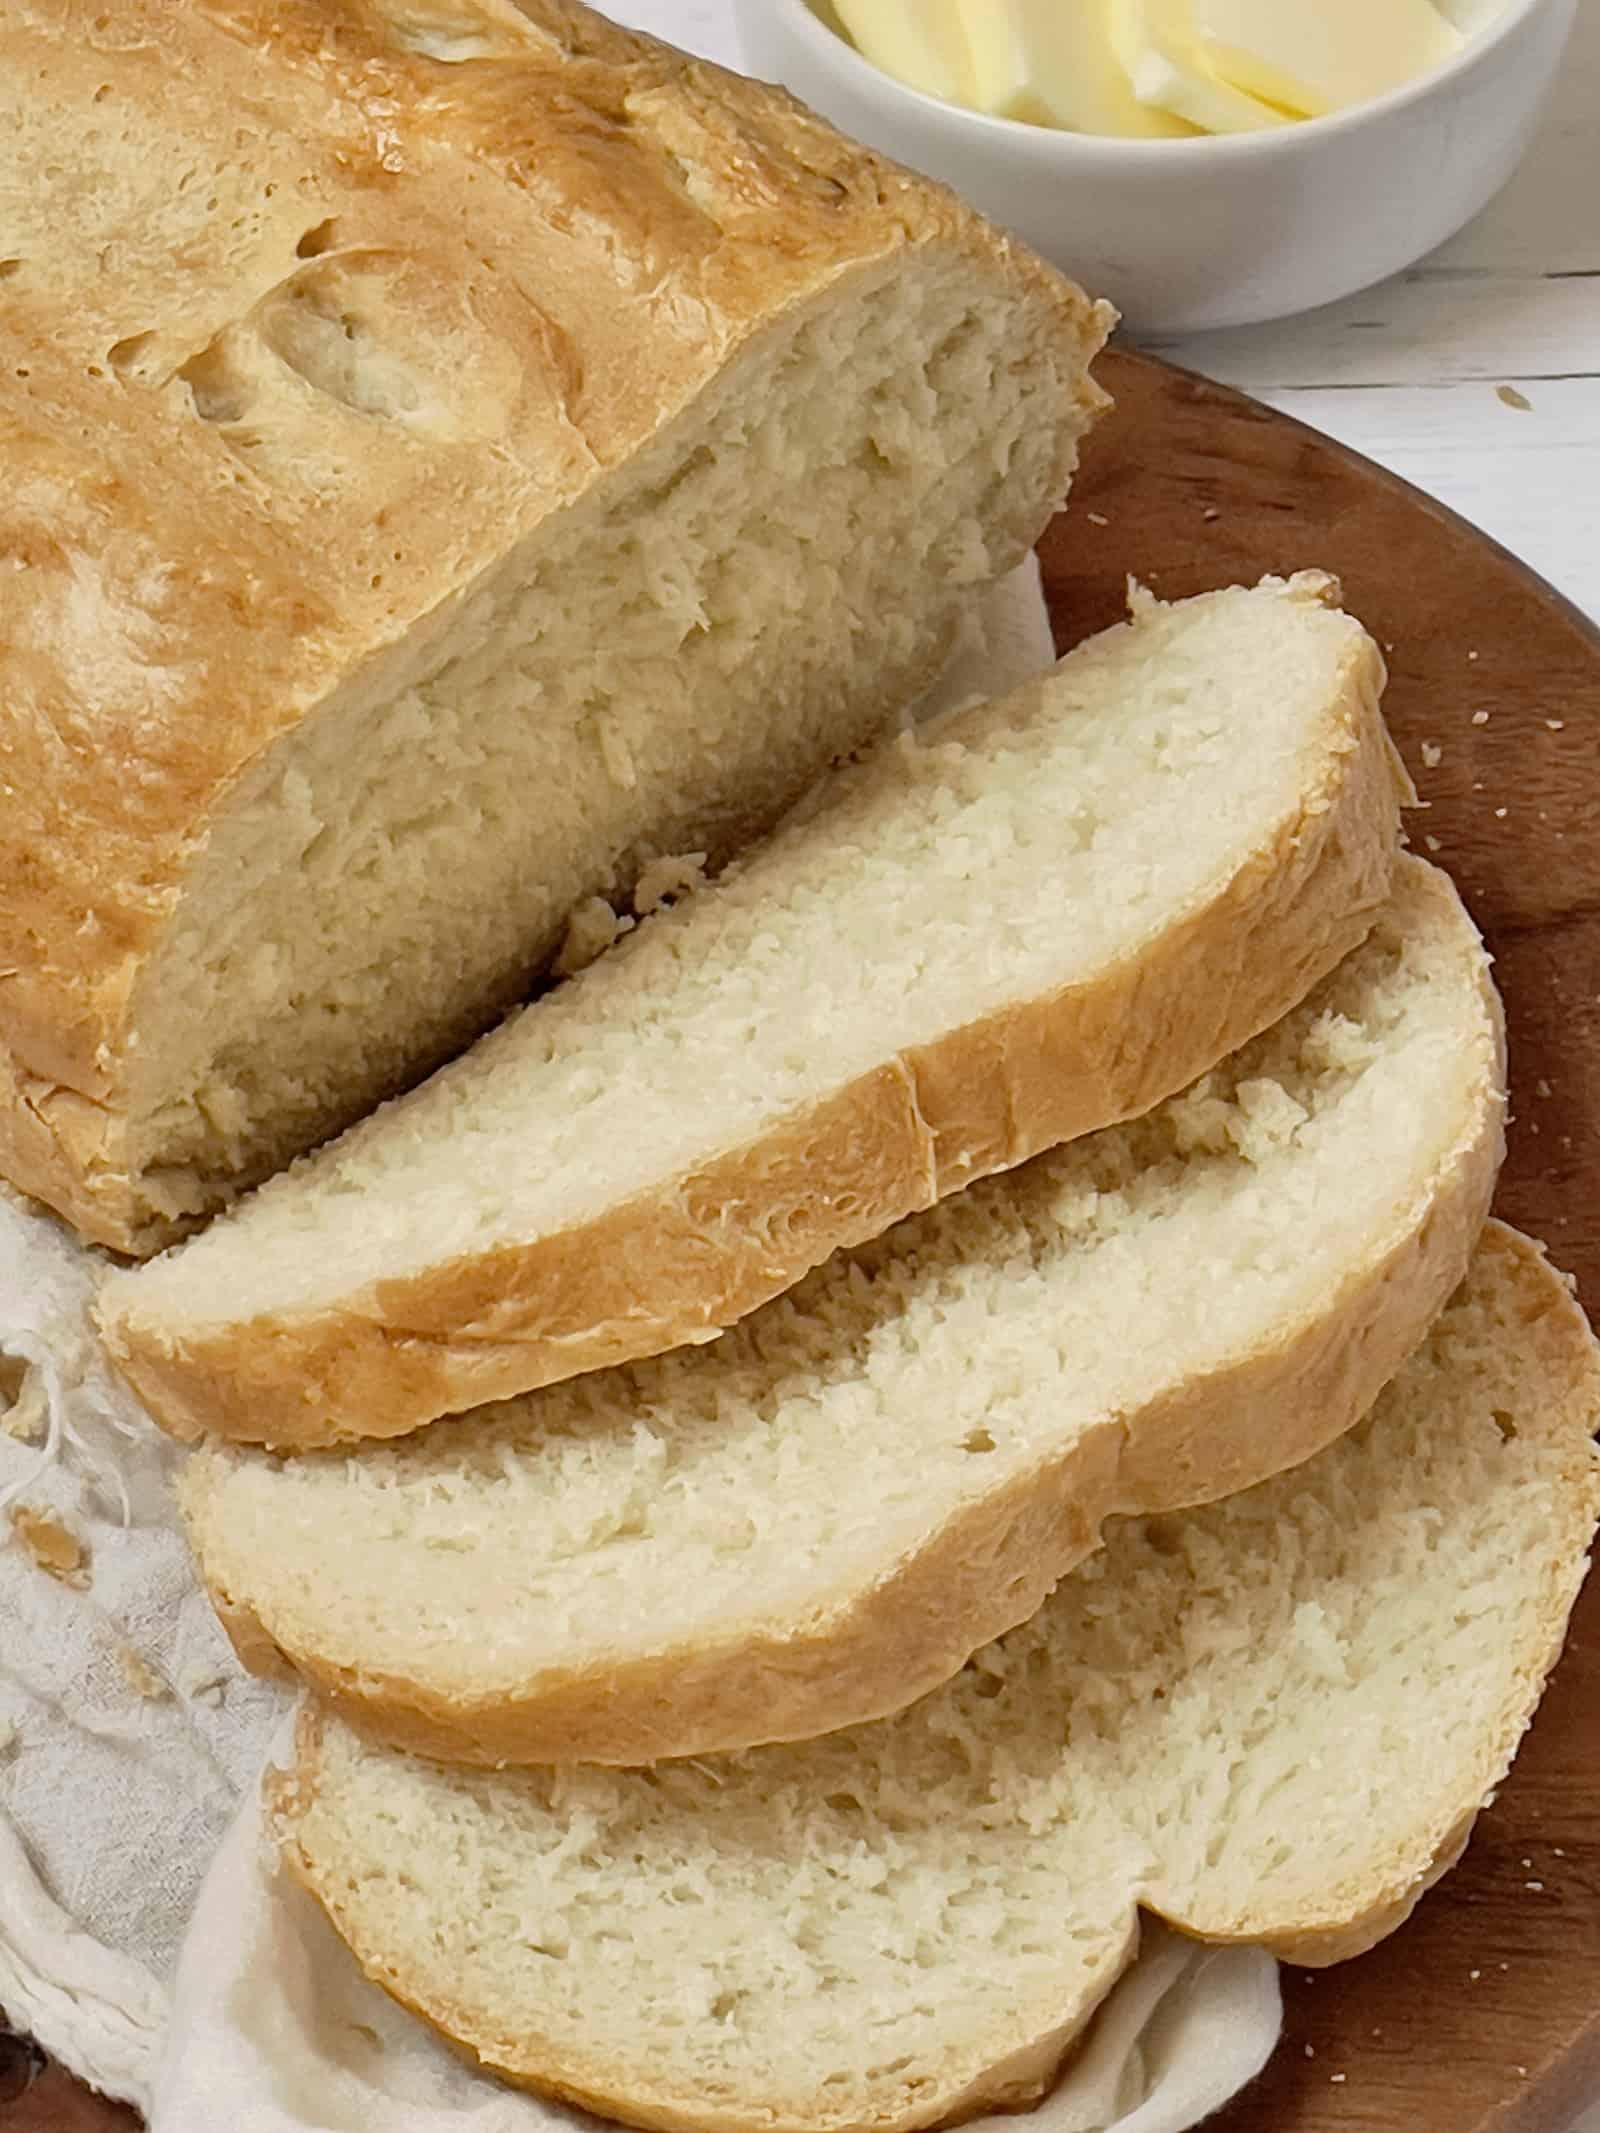 sliced Italian bread on a cutting board